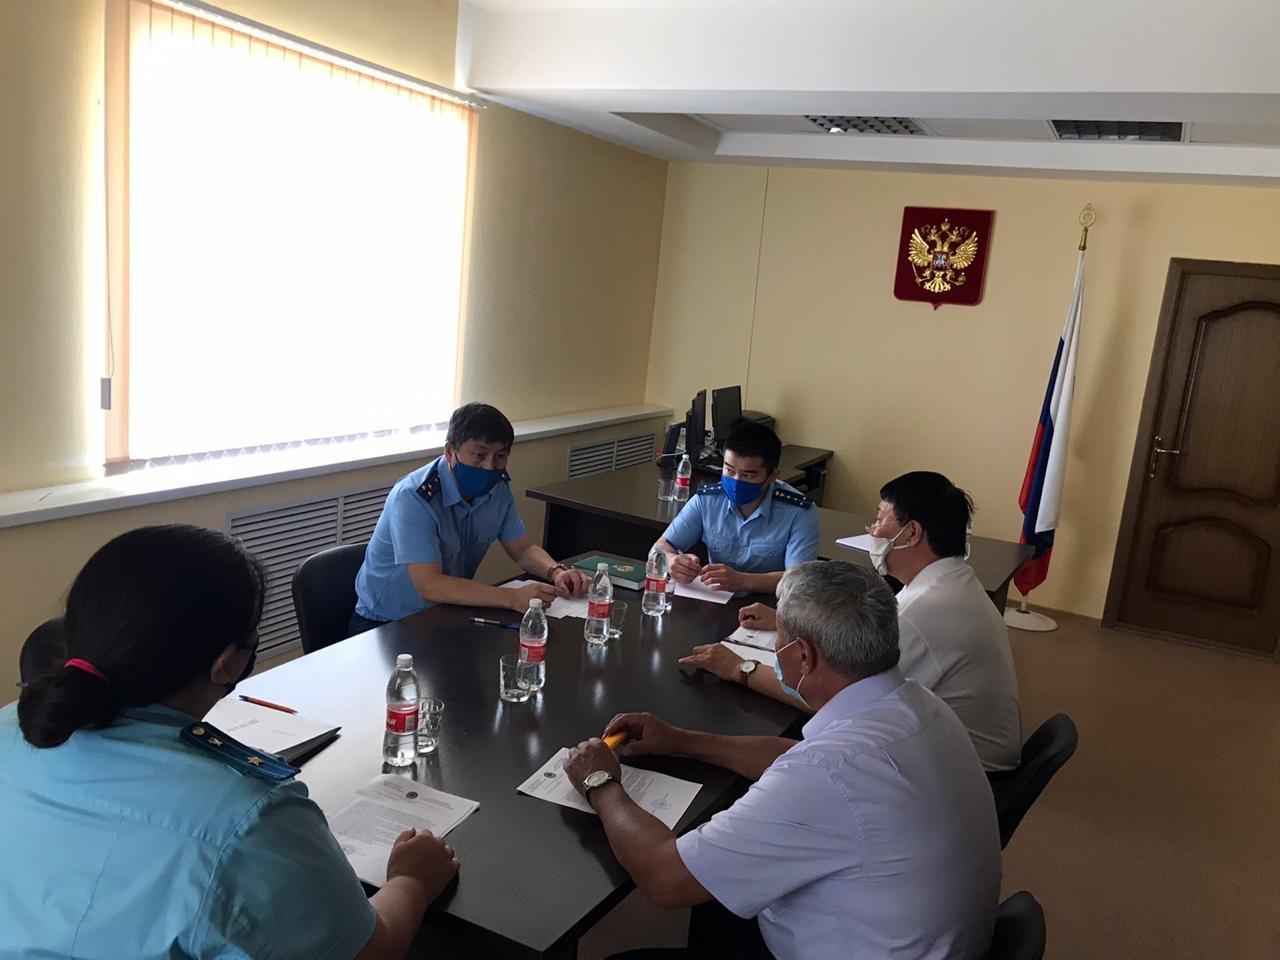 Заместитель прокурора республики провёл выездное совещание по факту заражения в Сарпинском интернате